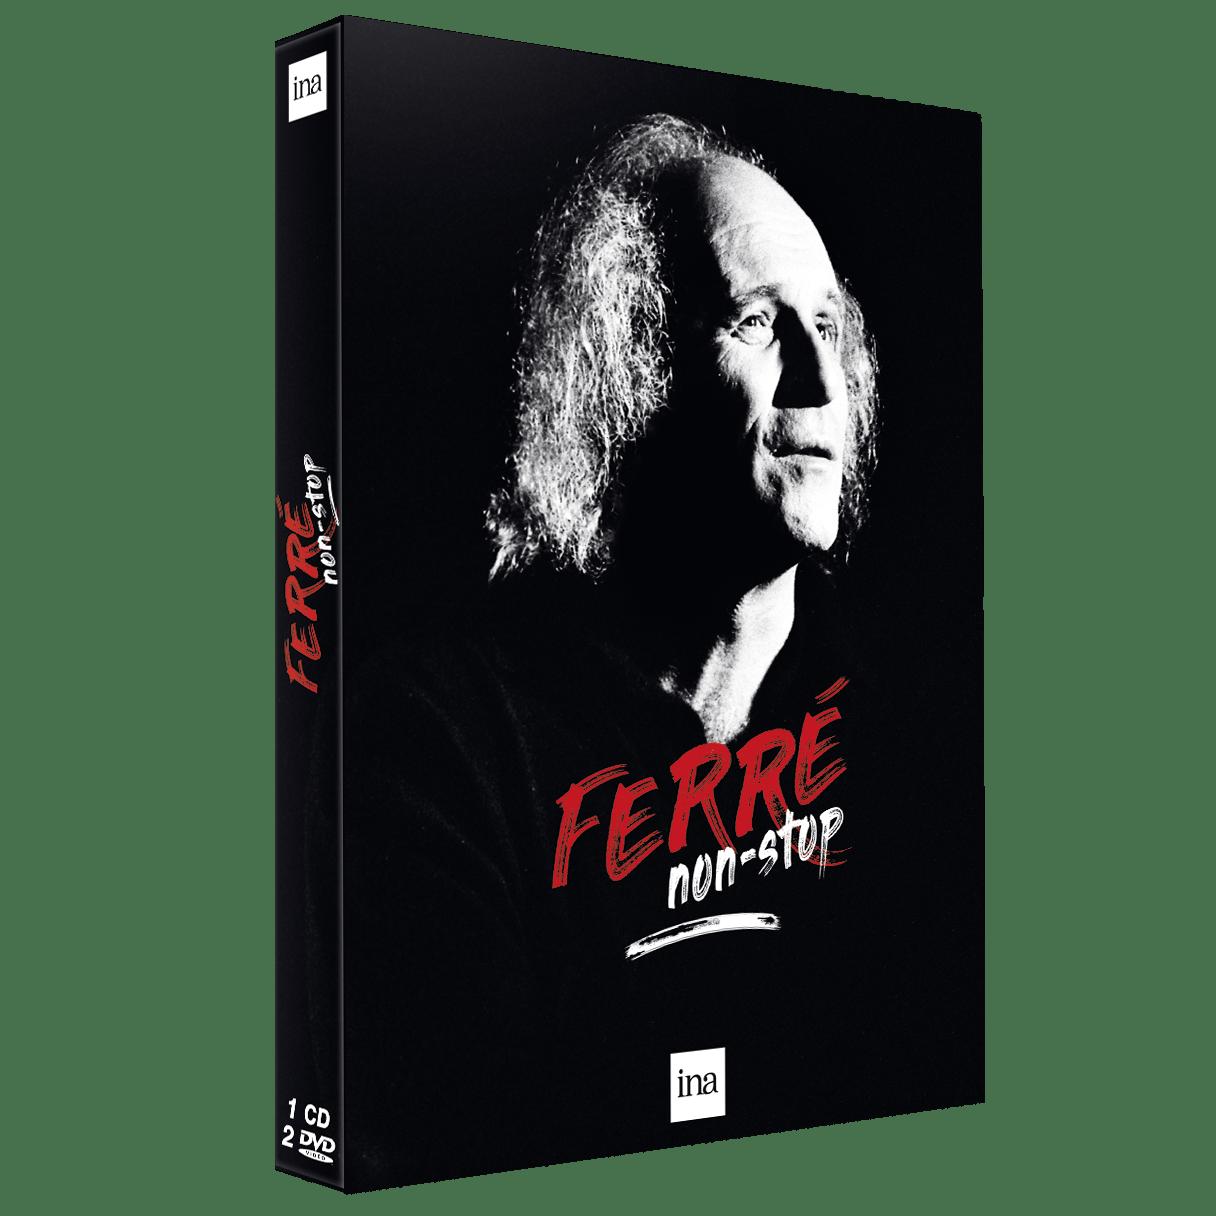 Ferré Non-Stop image pochette coffret musique